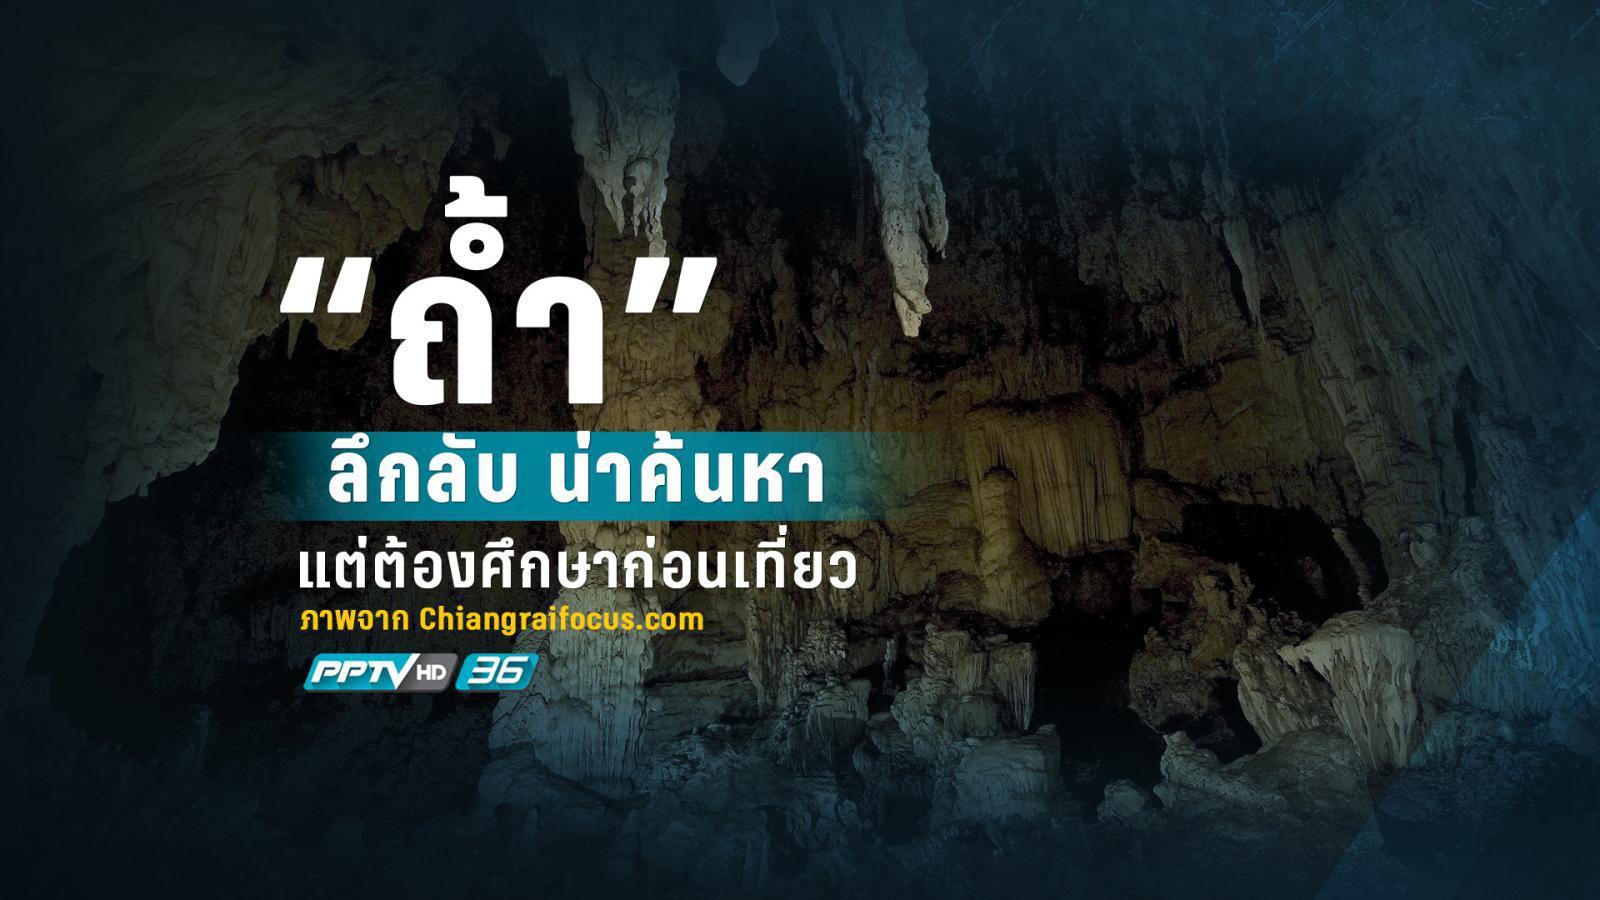 """รู้จัก """"ถ้ำหลวง-ขุนน้ำนางนอน"""" ถ้ำที่ยาวเป็นอันดับ 4 ของไทย"""